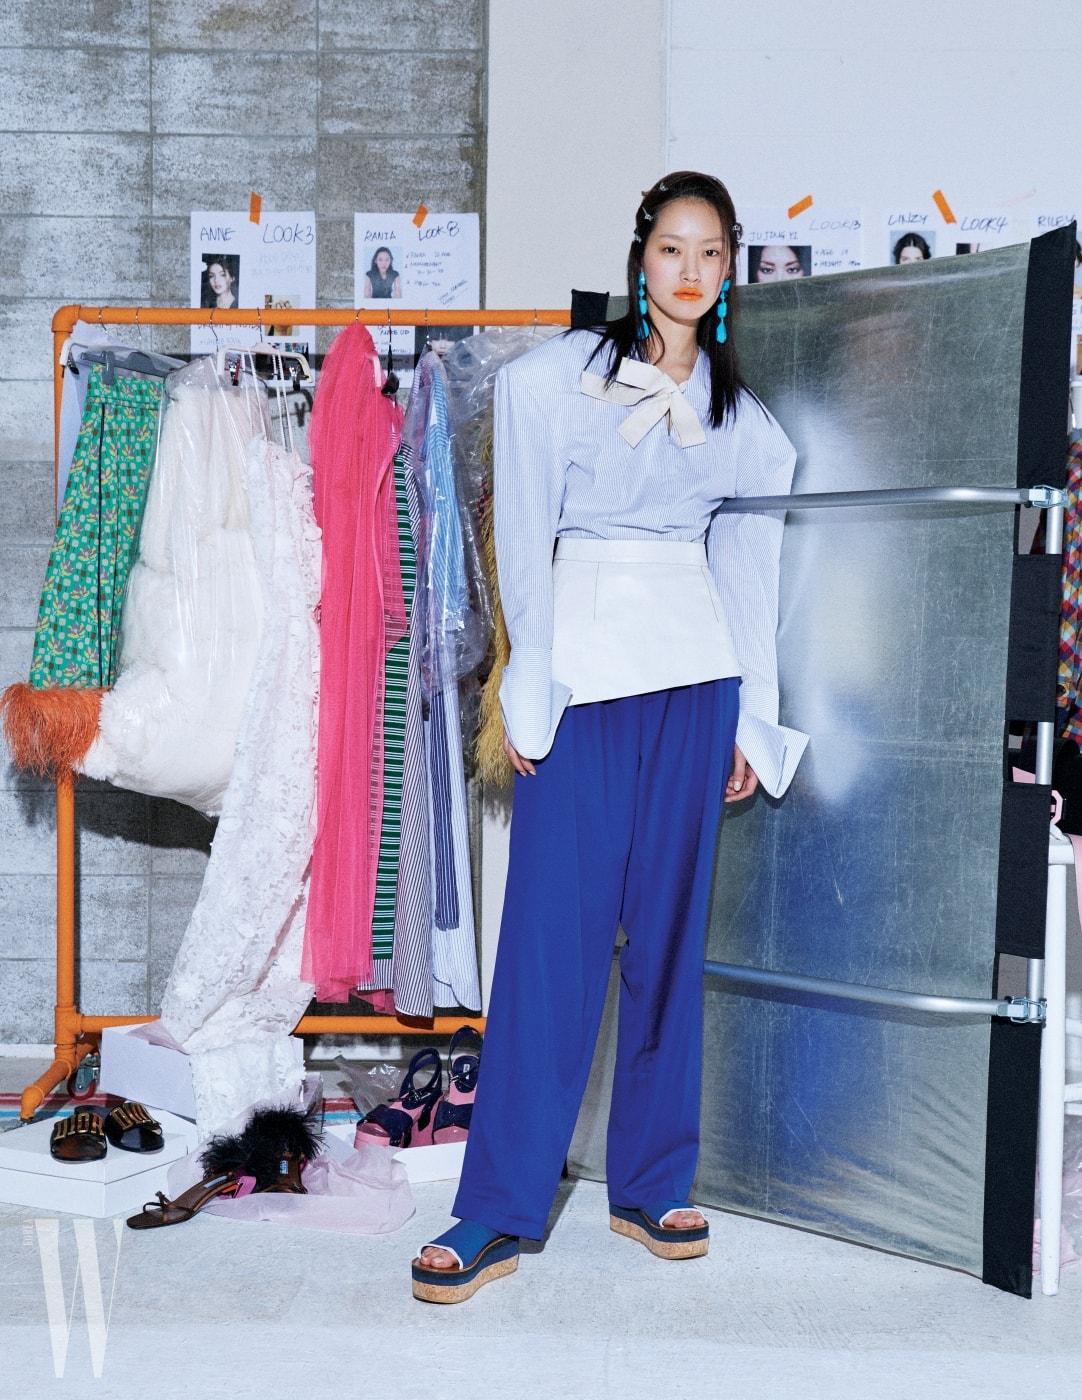 어깨가 강조된 구조적인 셔츠는 자크뮈스 by 10 꼬르소 꼬모 제품. 1백만원대. 파랑 팬츠는 셀린 제품. 가격 미정. 스포티 무드 슈즈는 포츠 1961 제품. 가격 미정. 귀고리는 셀린 제품. 가격 미정.